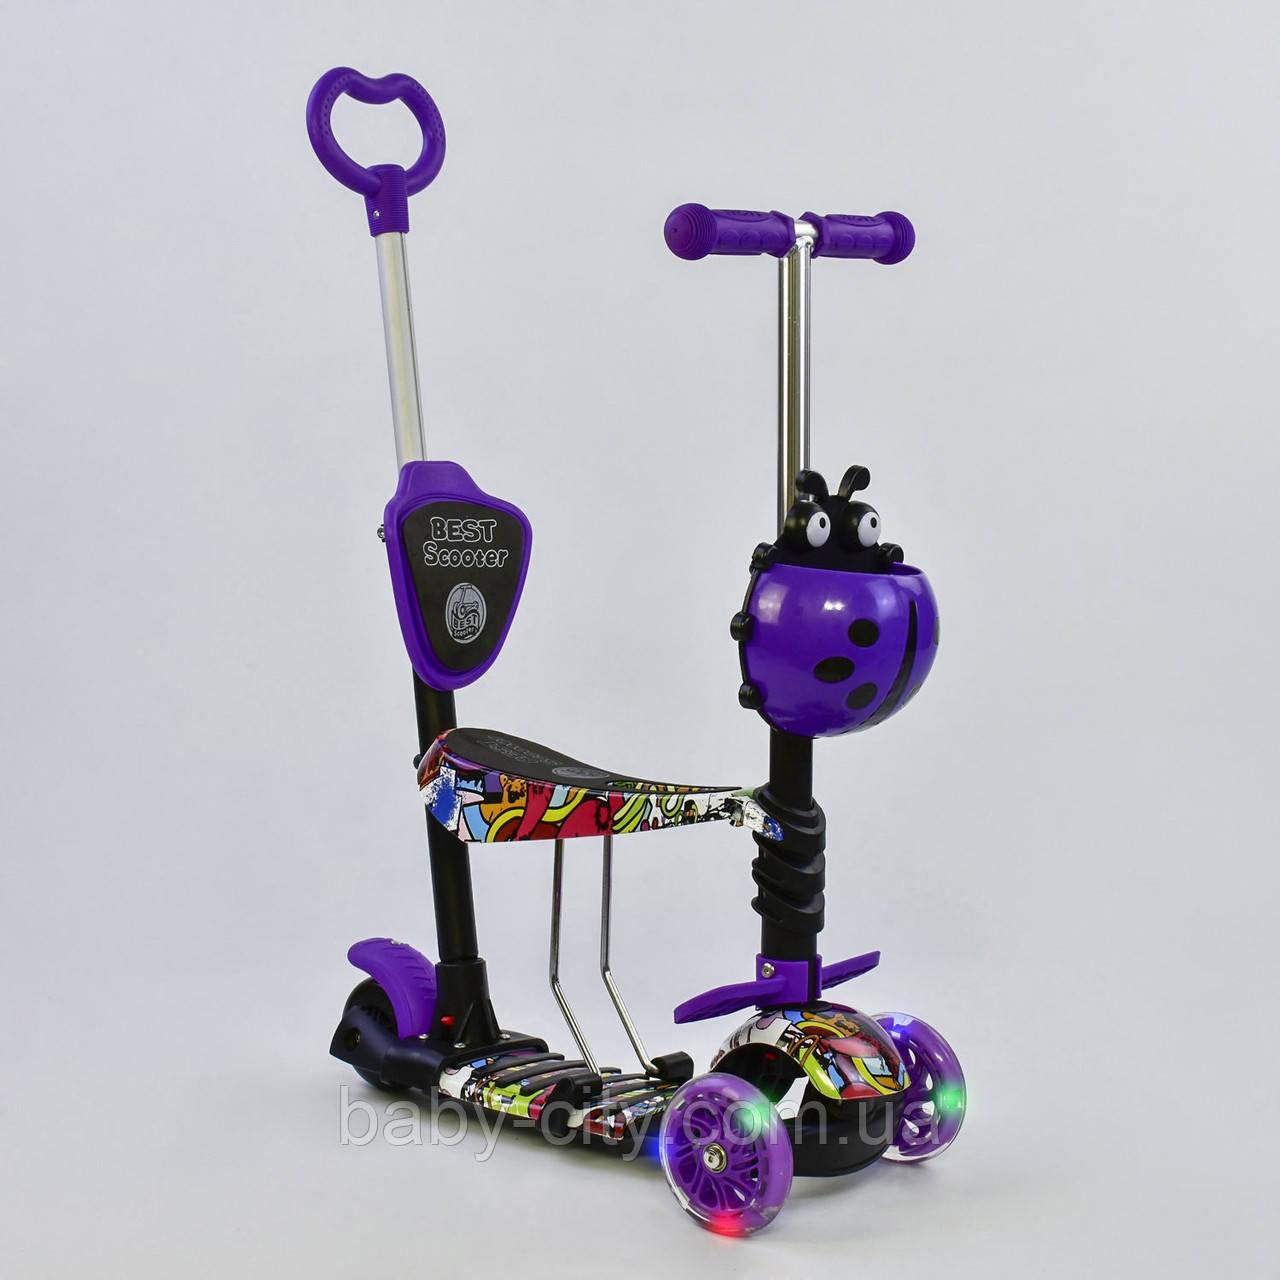 """Самокат Best Scooter 5 в 1 """"Абстракция"""" 13400 подсветка колес"""